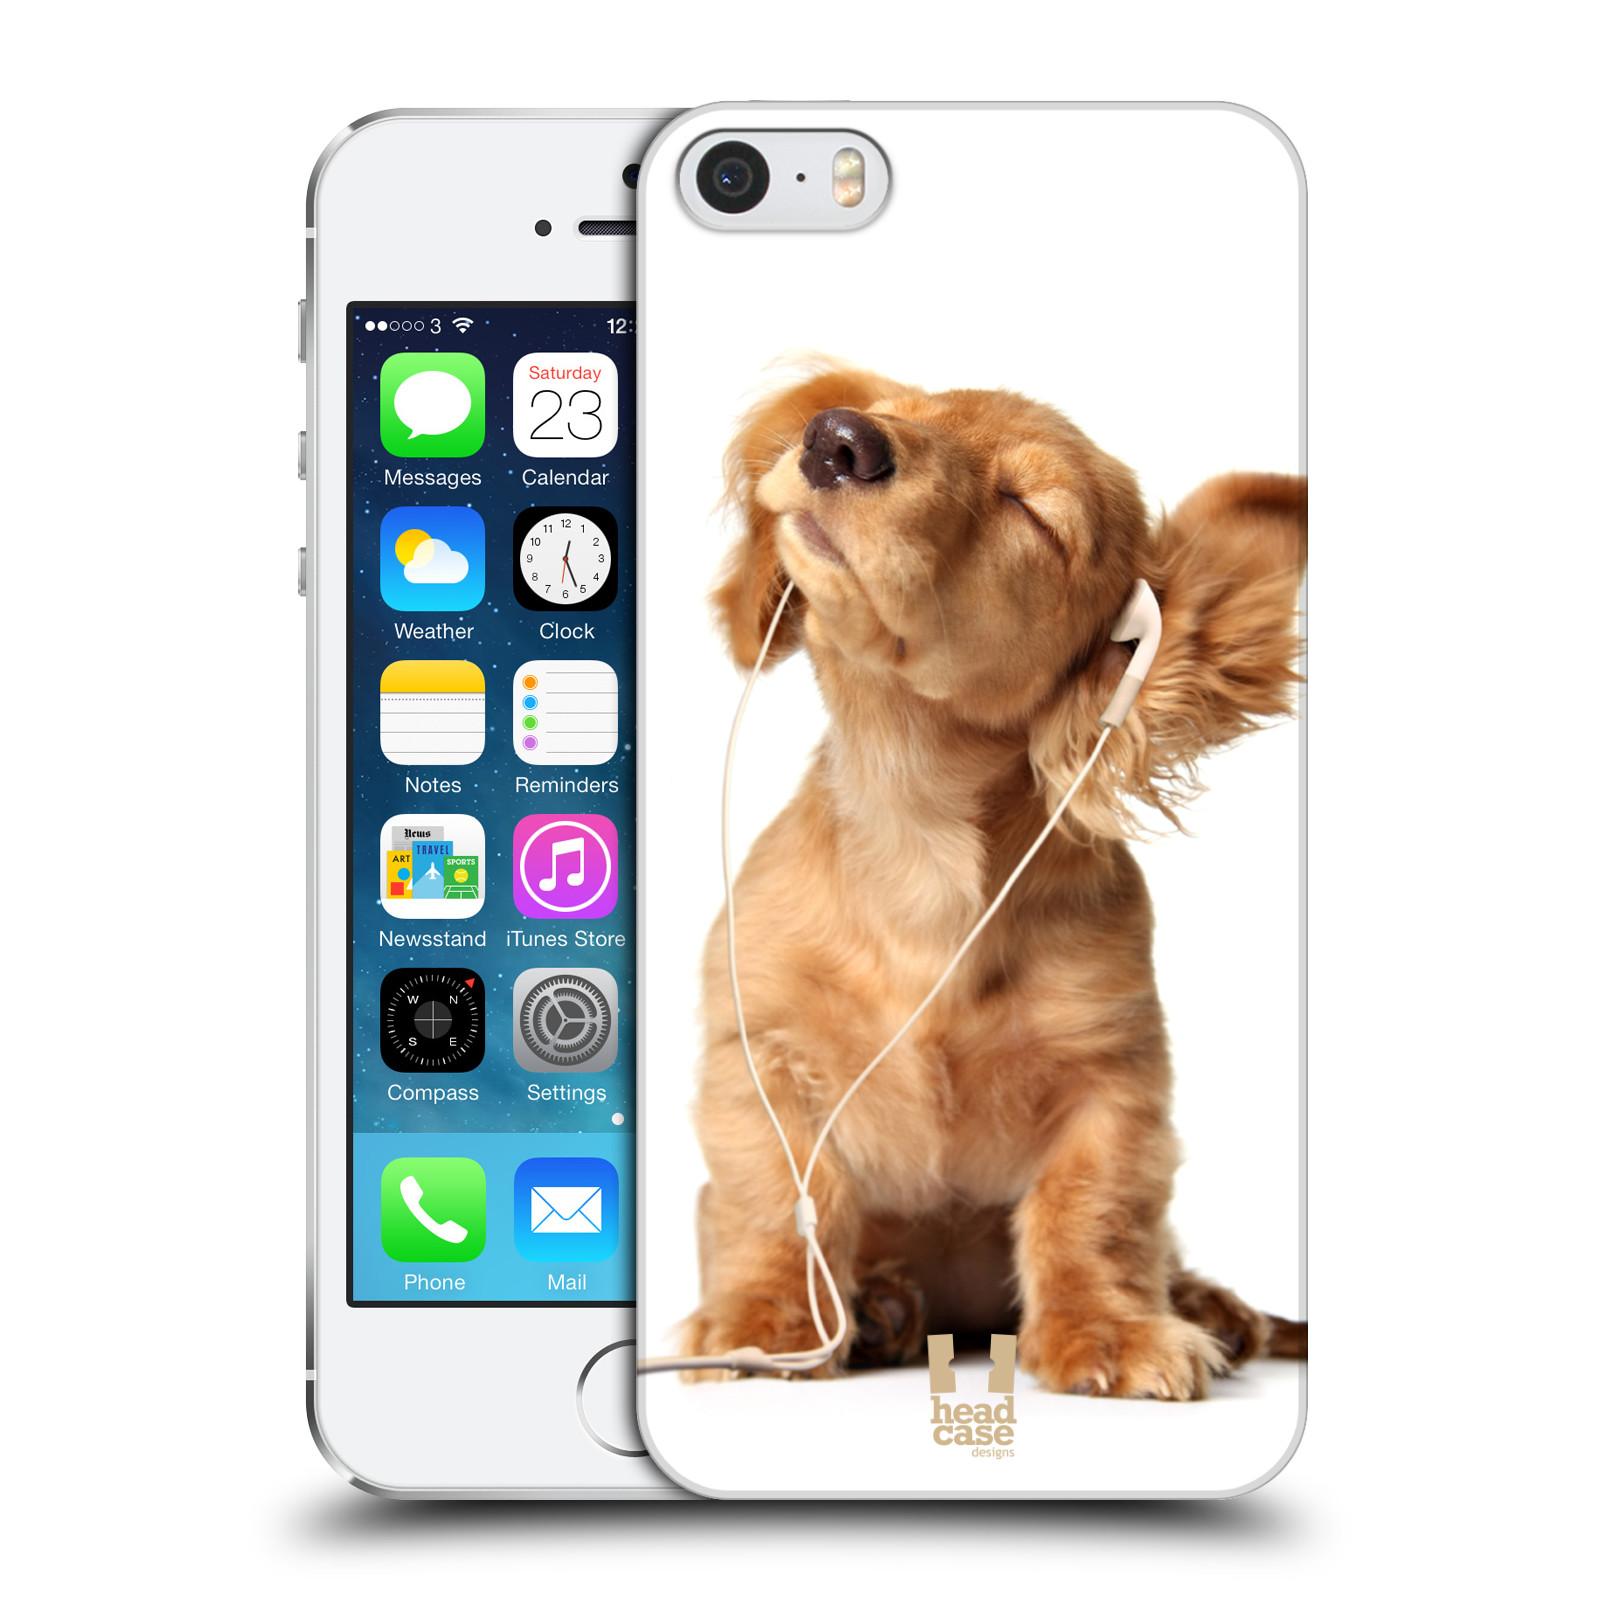 Plastové pouzdro pro mobil Apple Iphone 5 / 5S / SE vzor Legrační zvířátka roztomilé štěňátko se sluchátky MUSIC